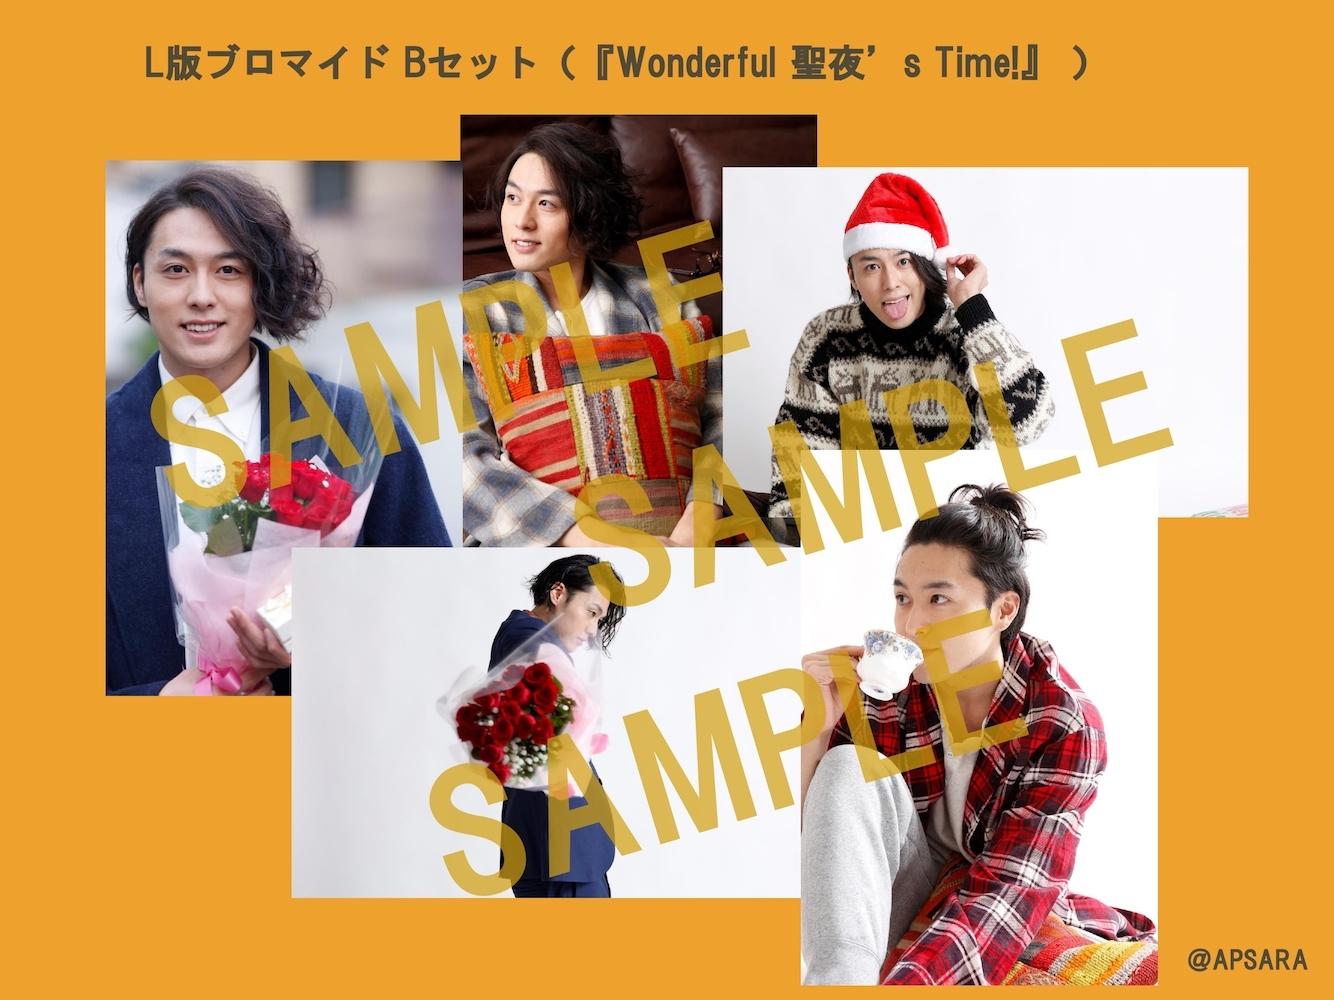 ブロマイドBセット(『Wonderful 聖夜's Time!』 )